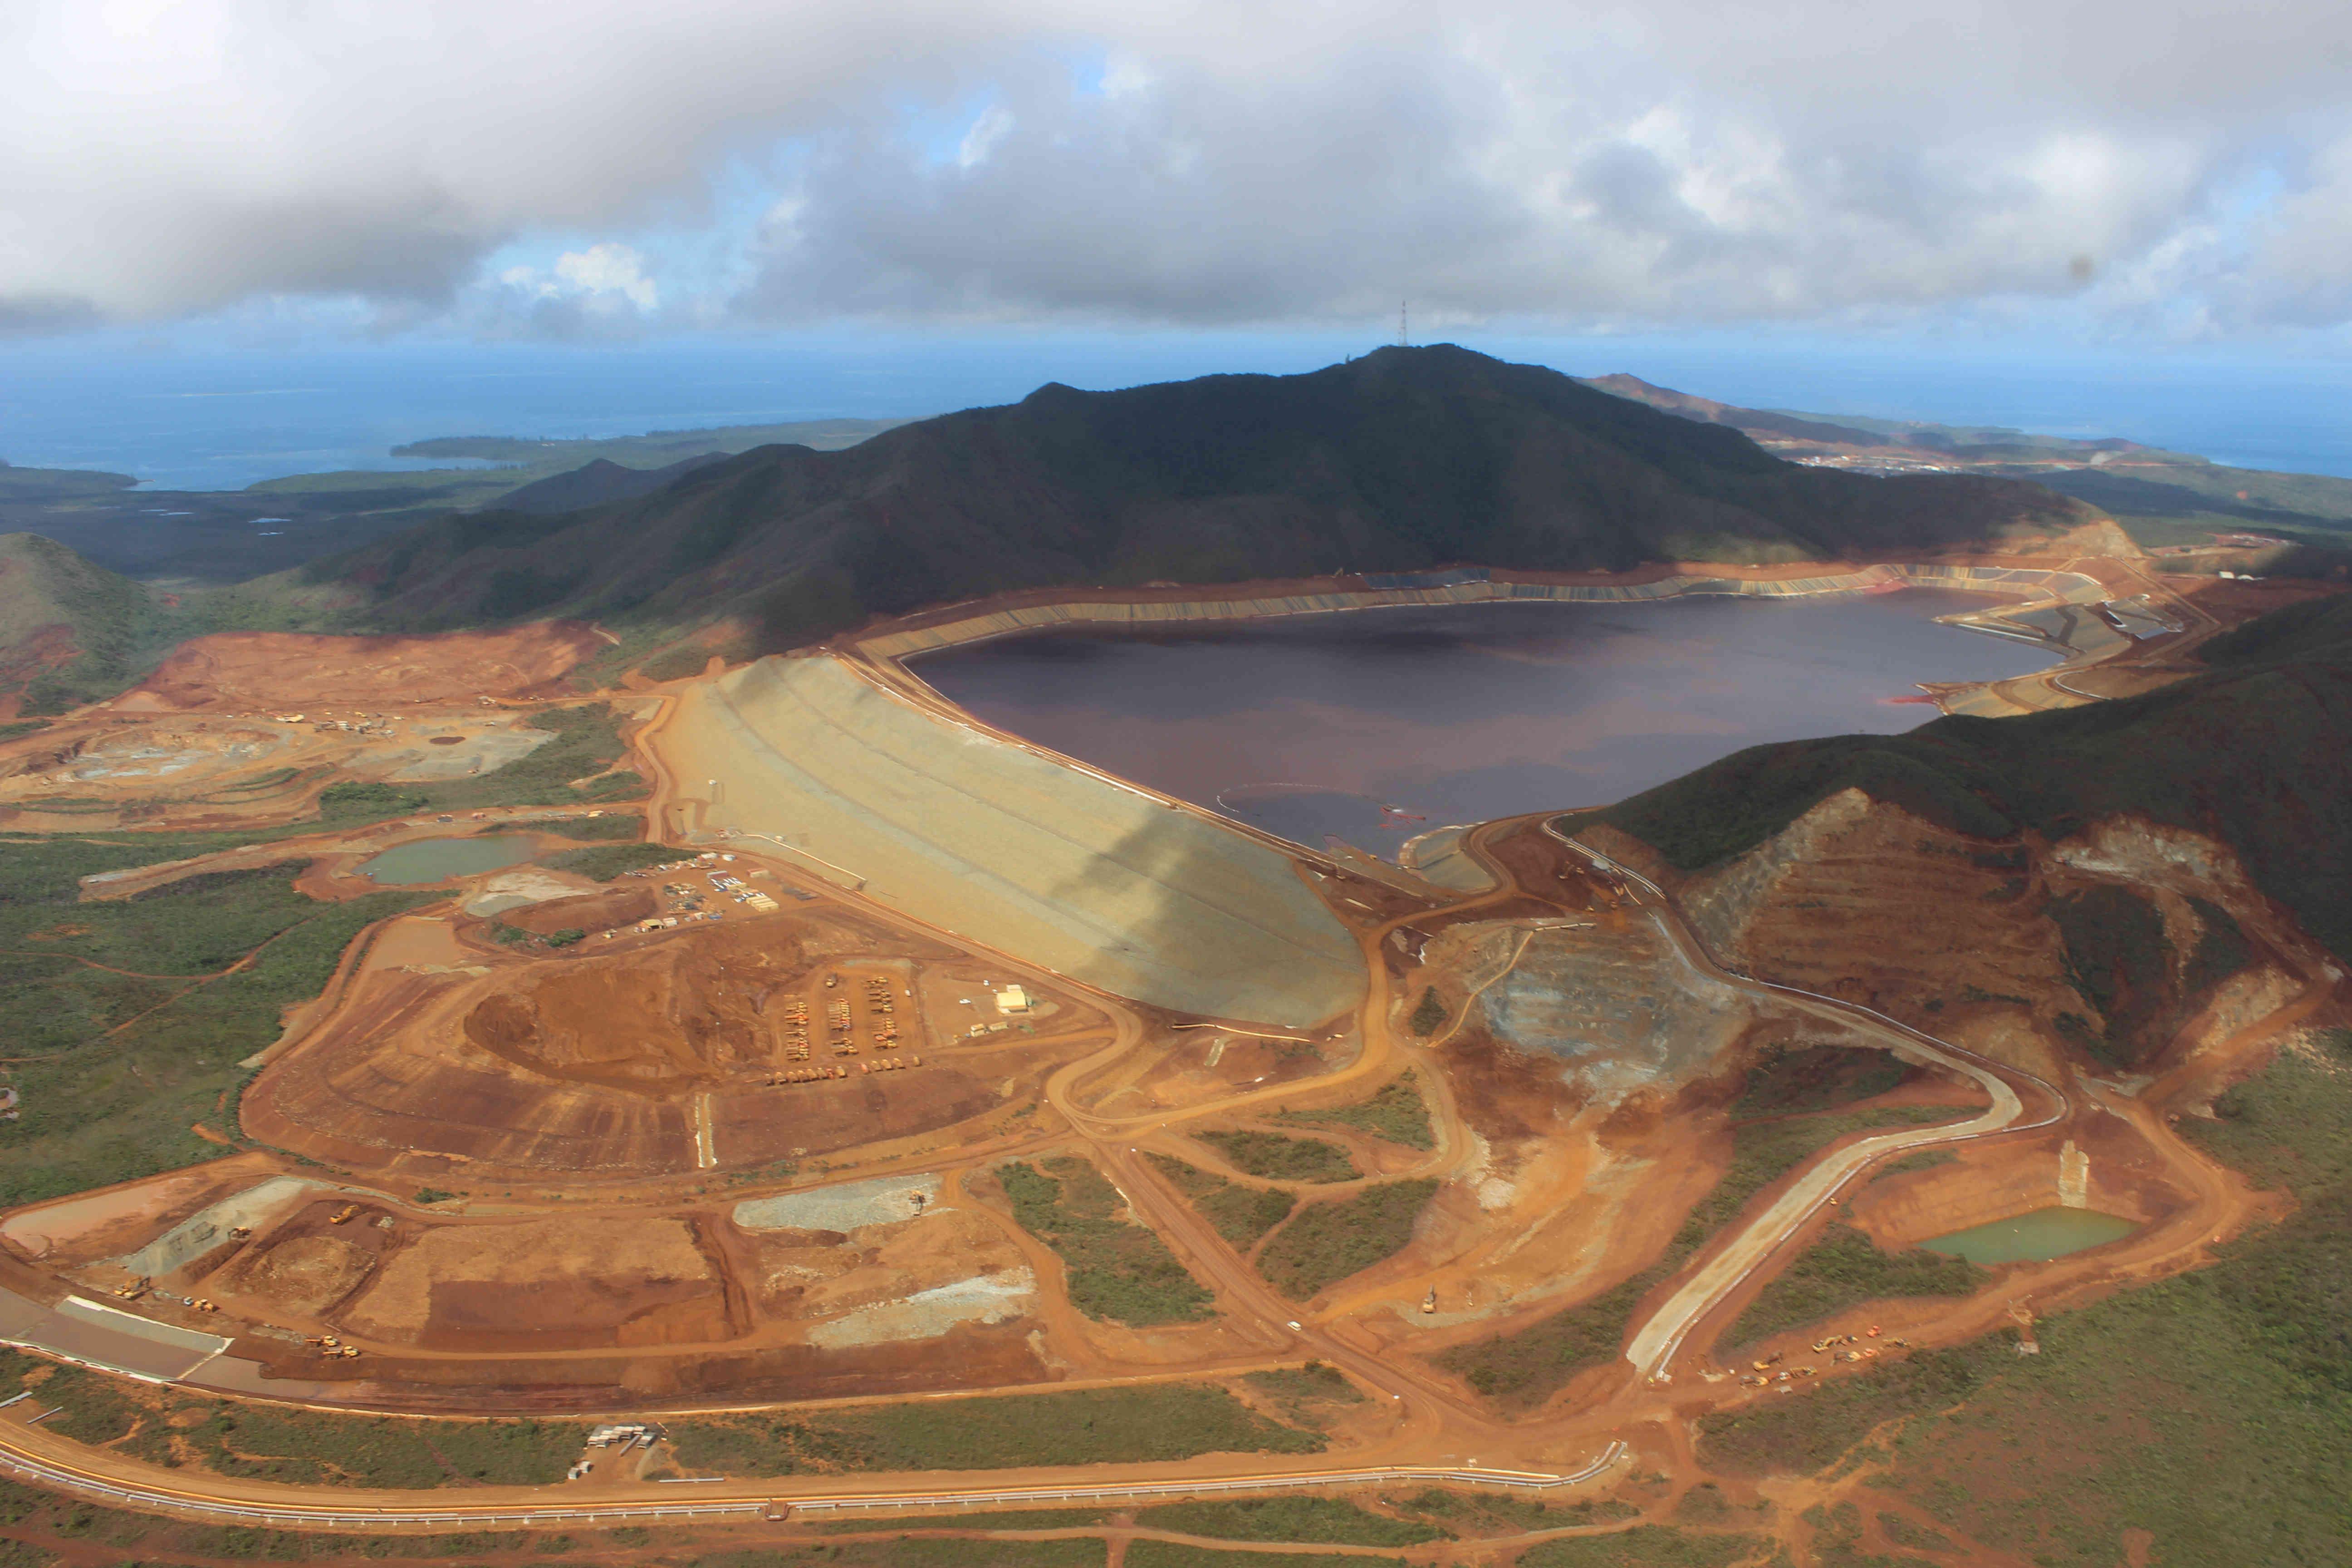 Nouvelle-Calédonie : Vale a déposé plus de 70 millions d'euros à la Caisse des Dépôts et Consignations pour les garanties environnementales de l'Usine du Sud